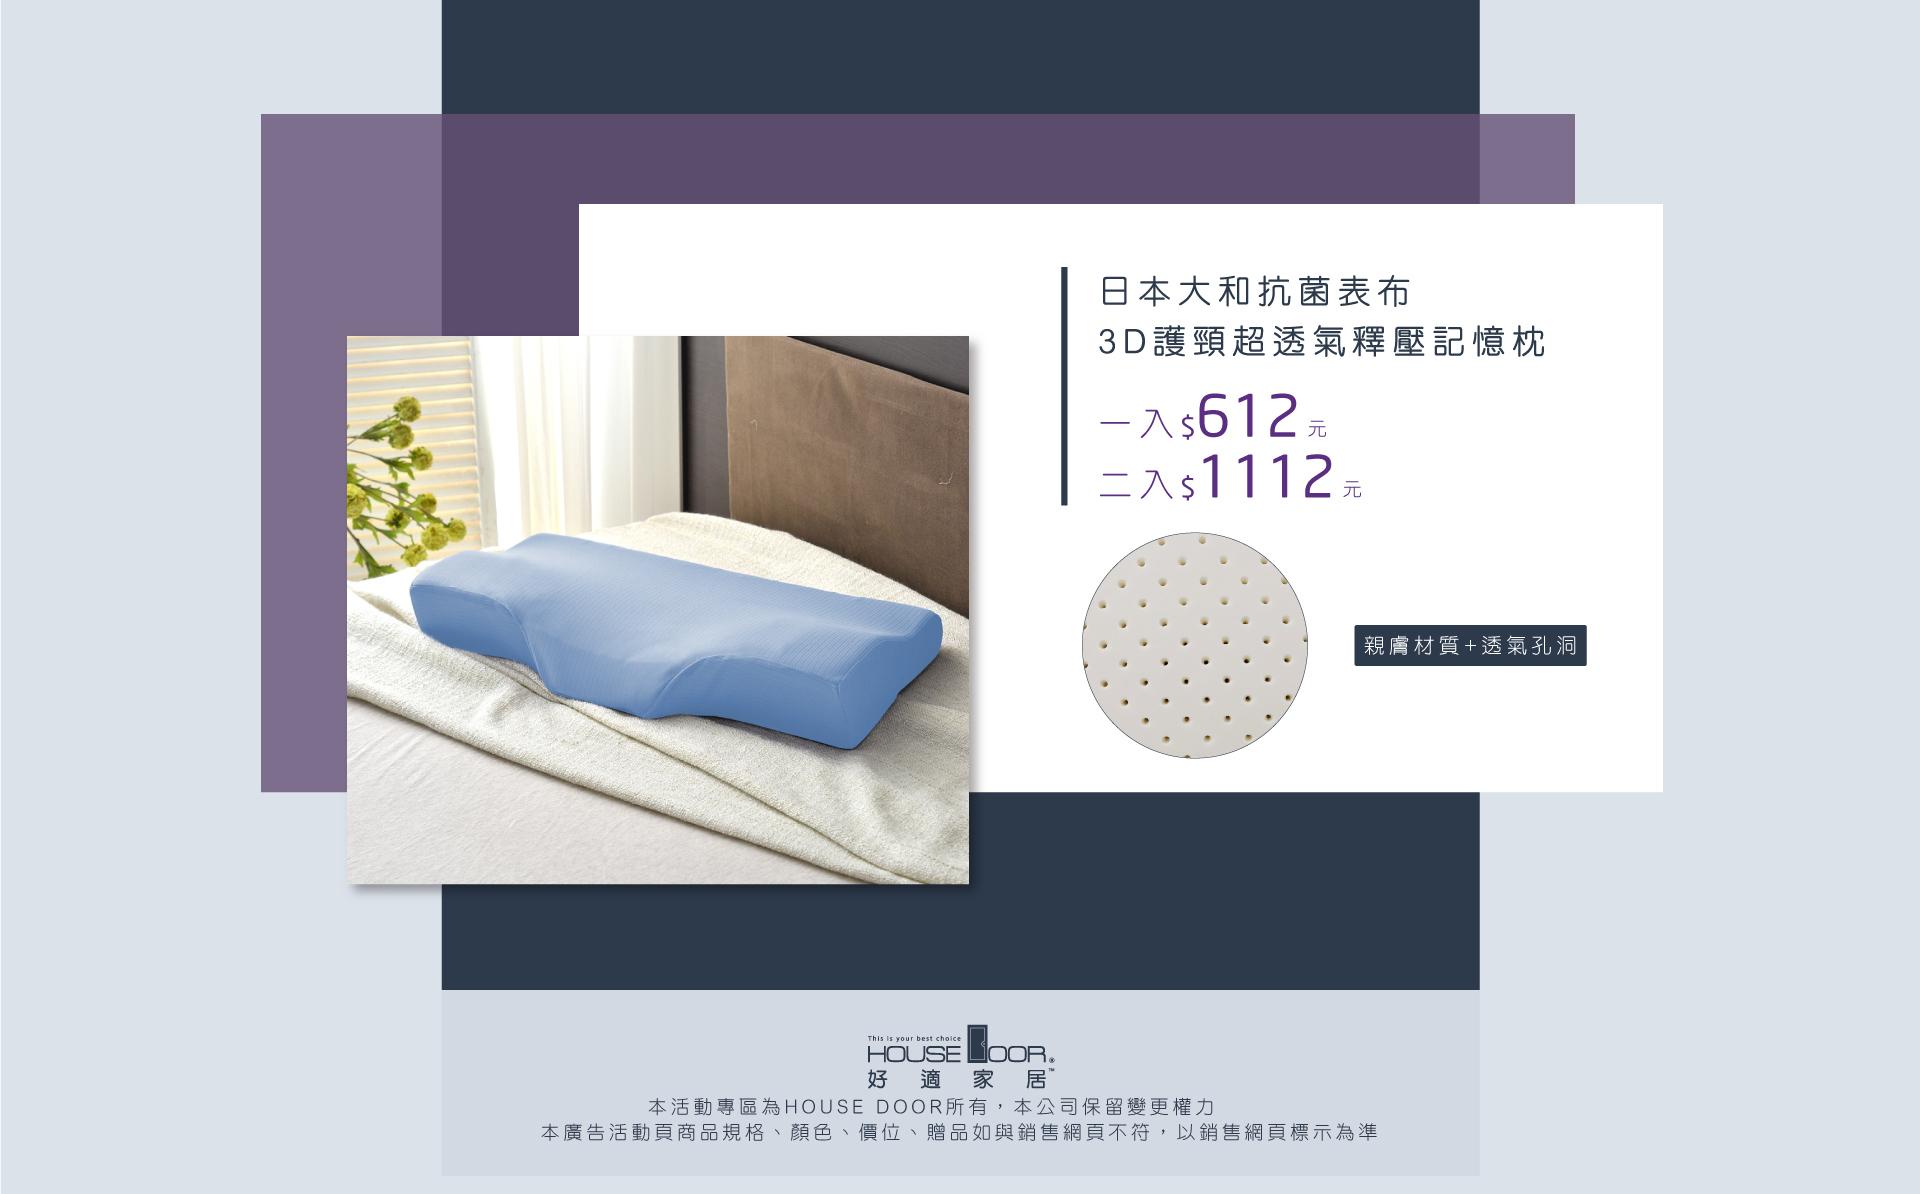 枕,記憶枕,防螨抗菌布,大和抗菌布,3D記憶枕,透氣